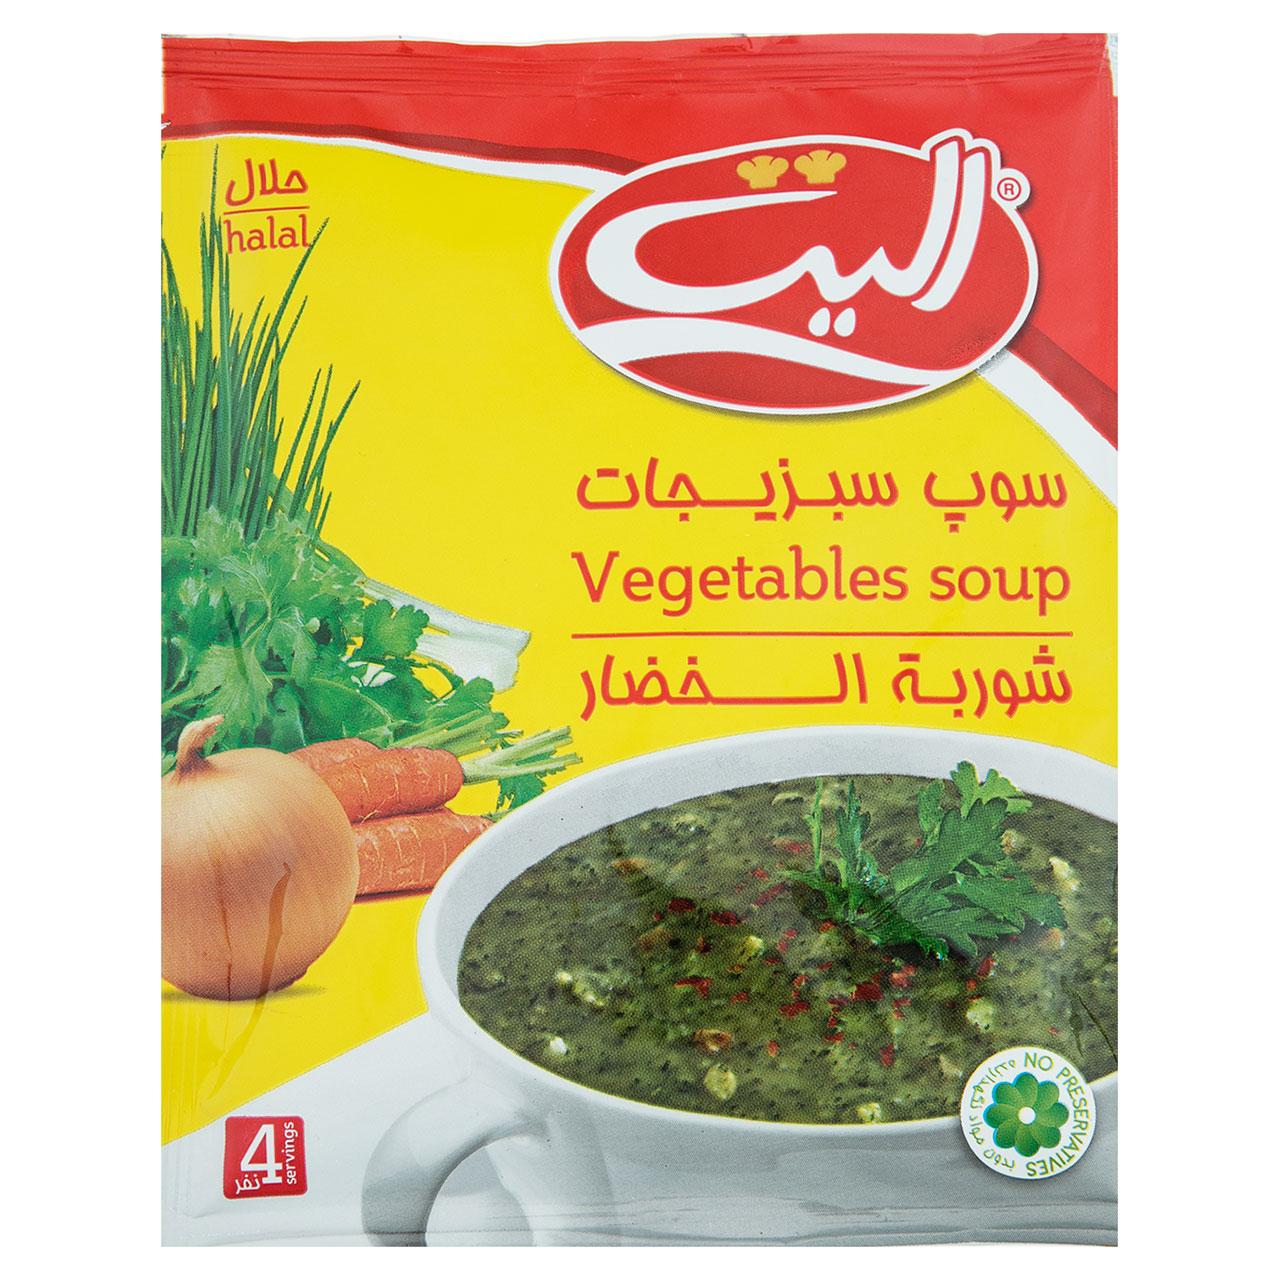 سوپ سبزیجات الیت مقدار 65 گرم